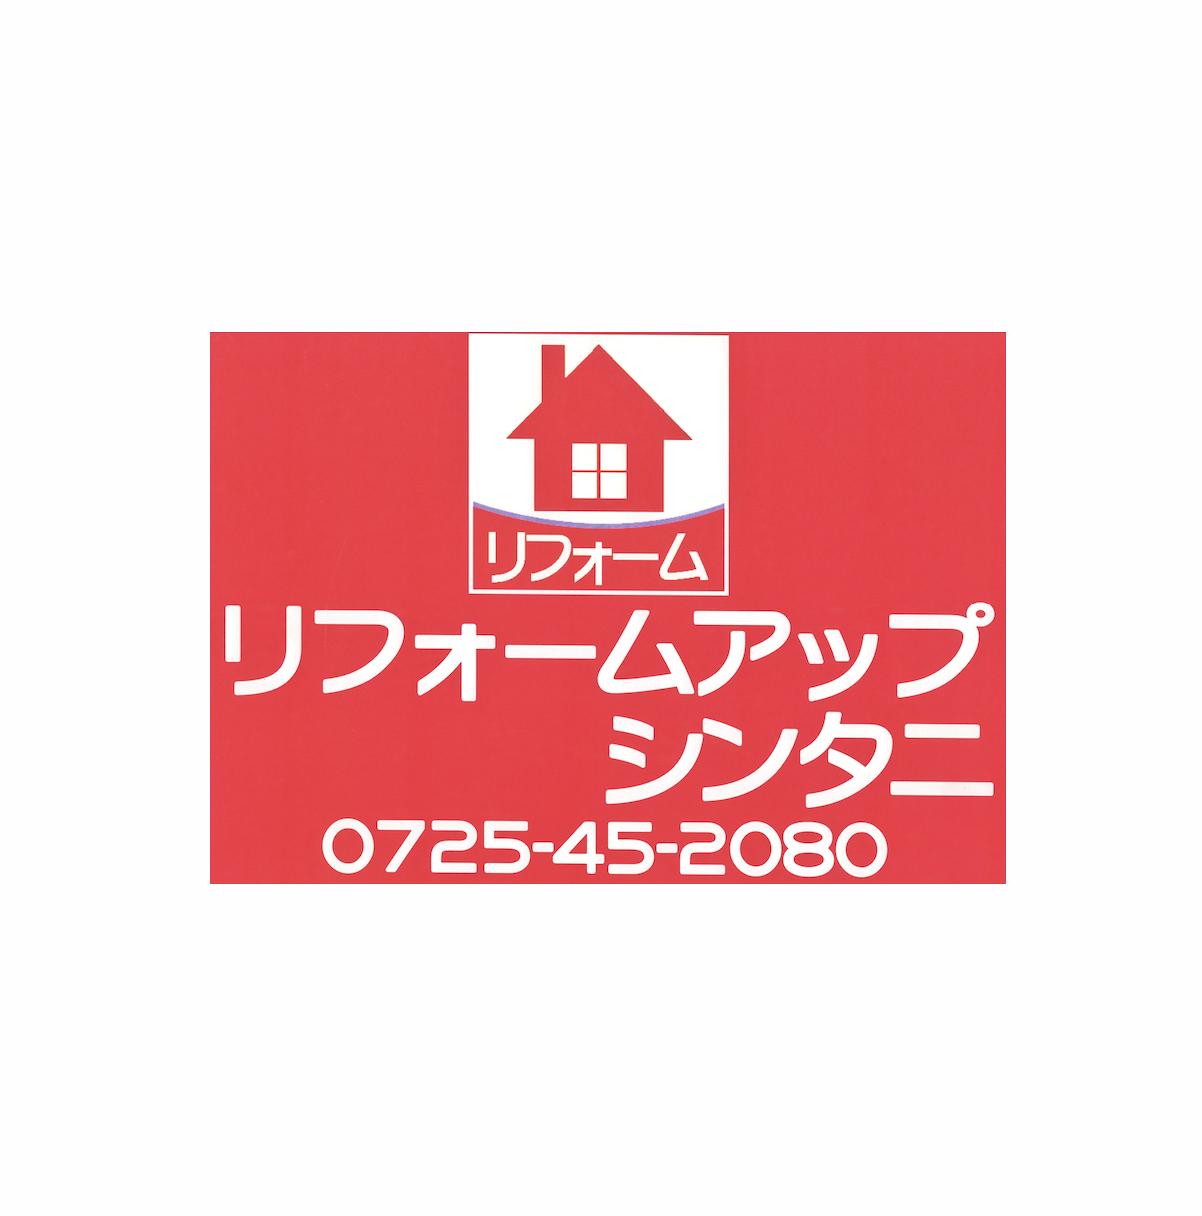 株式会社シンタニ